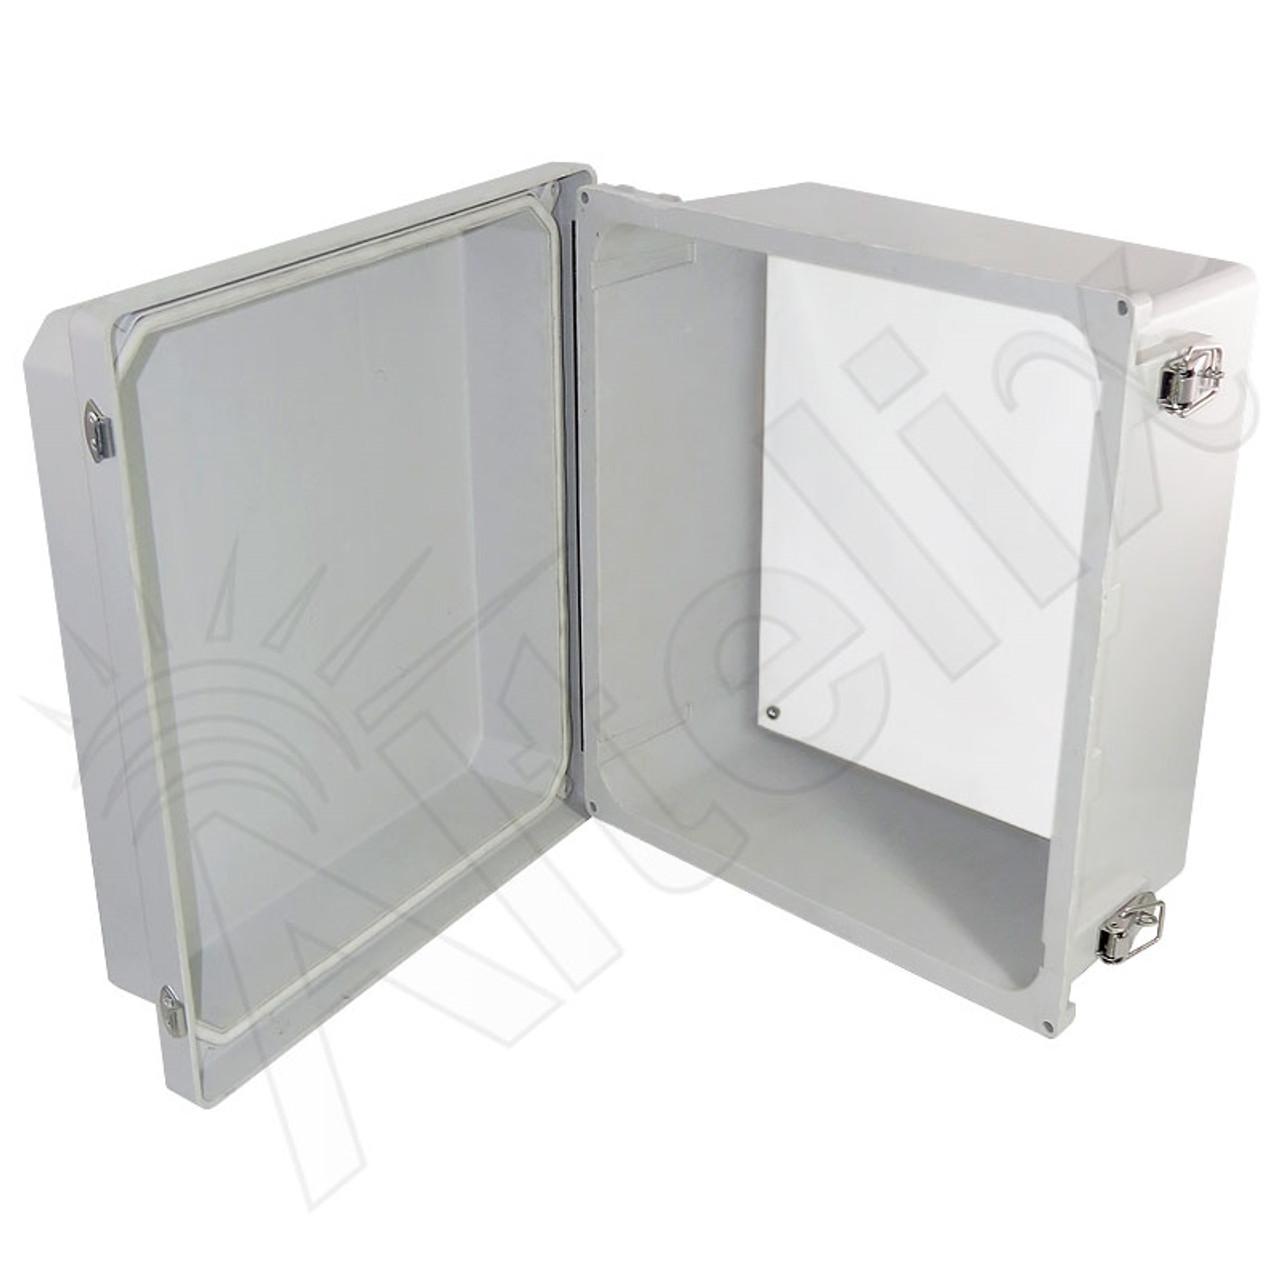 CPE AP Waterproof Outdoor Enclosure 8x8x4 Poly Enclosure SMA Plug Cable